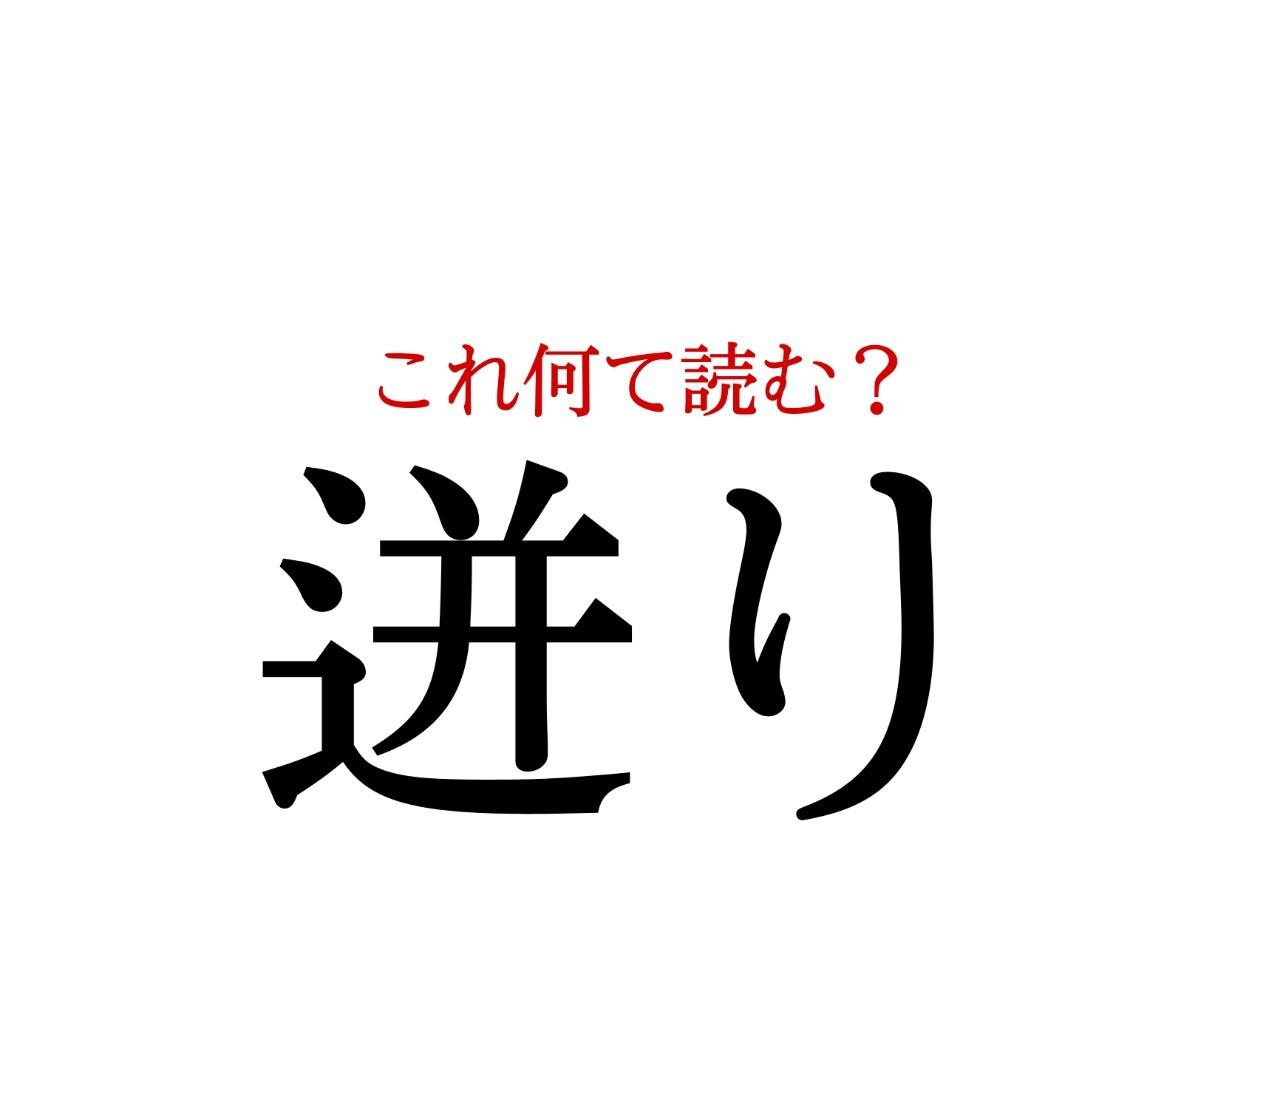 「迸り」:この漢字、自信を持って読めますか?【働く大人の漢字クイズvol.191】